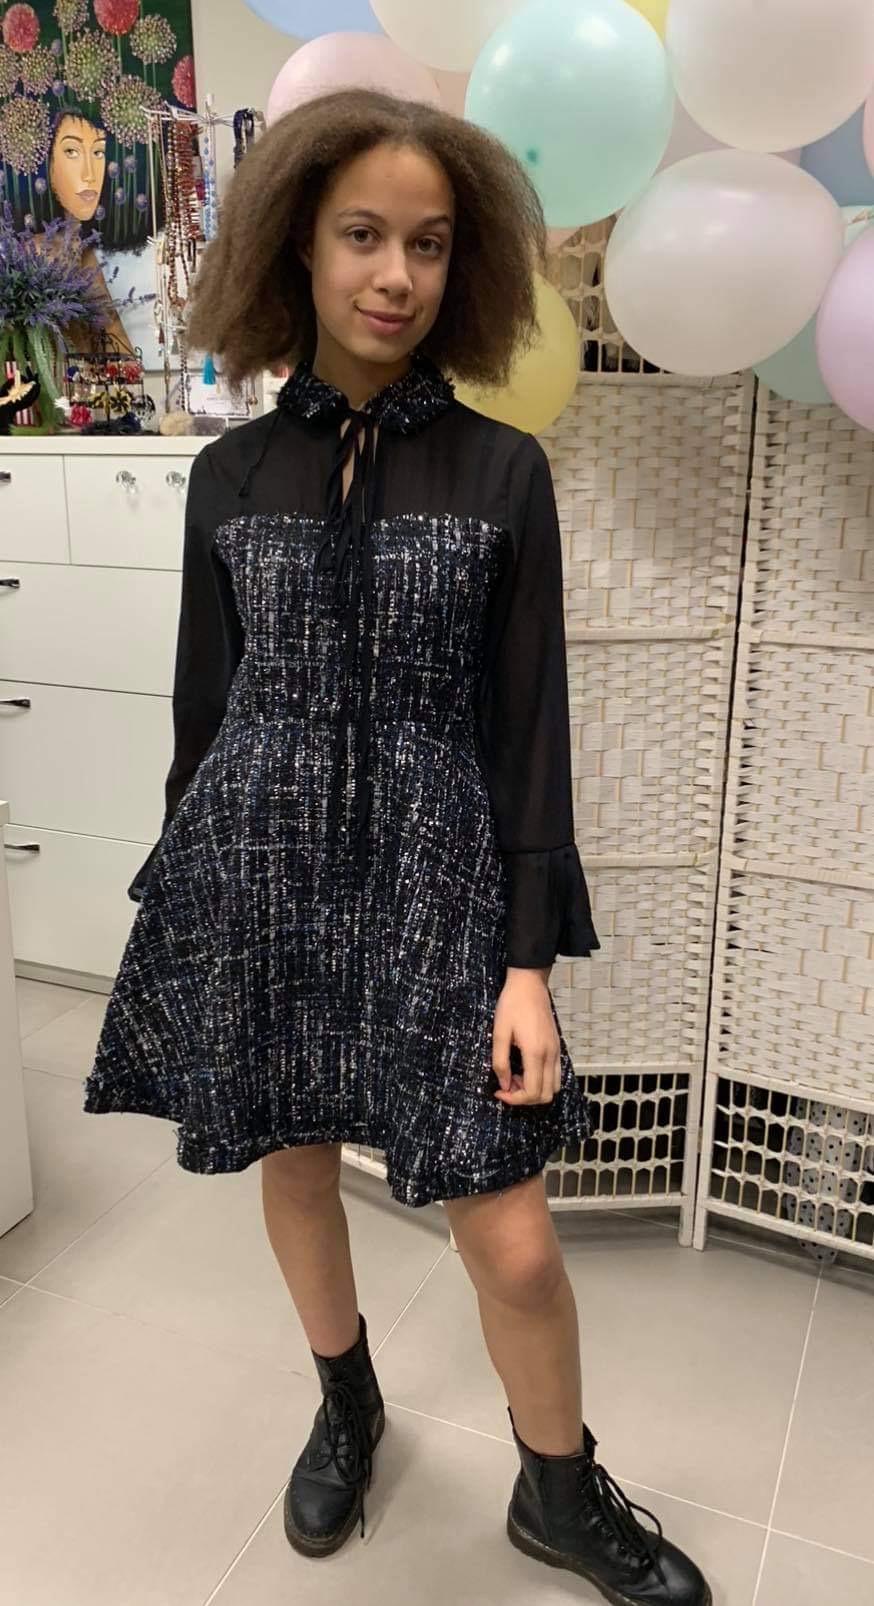 Búklè audinio suknelė